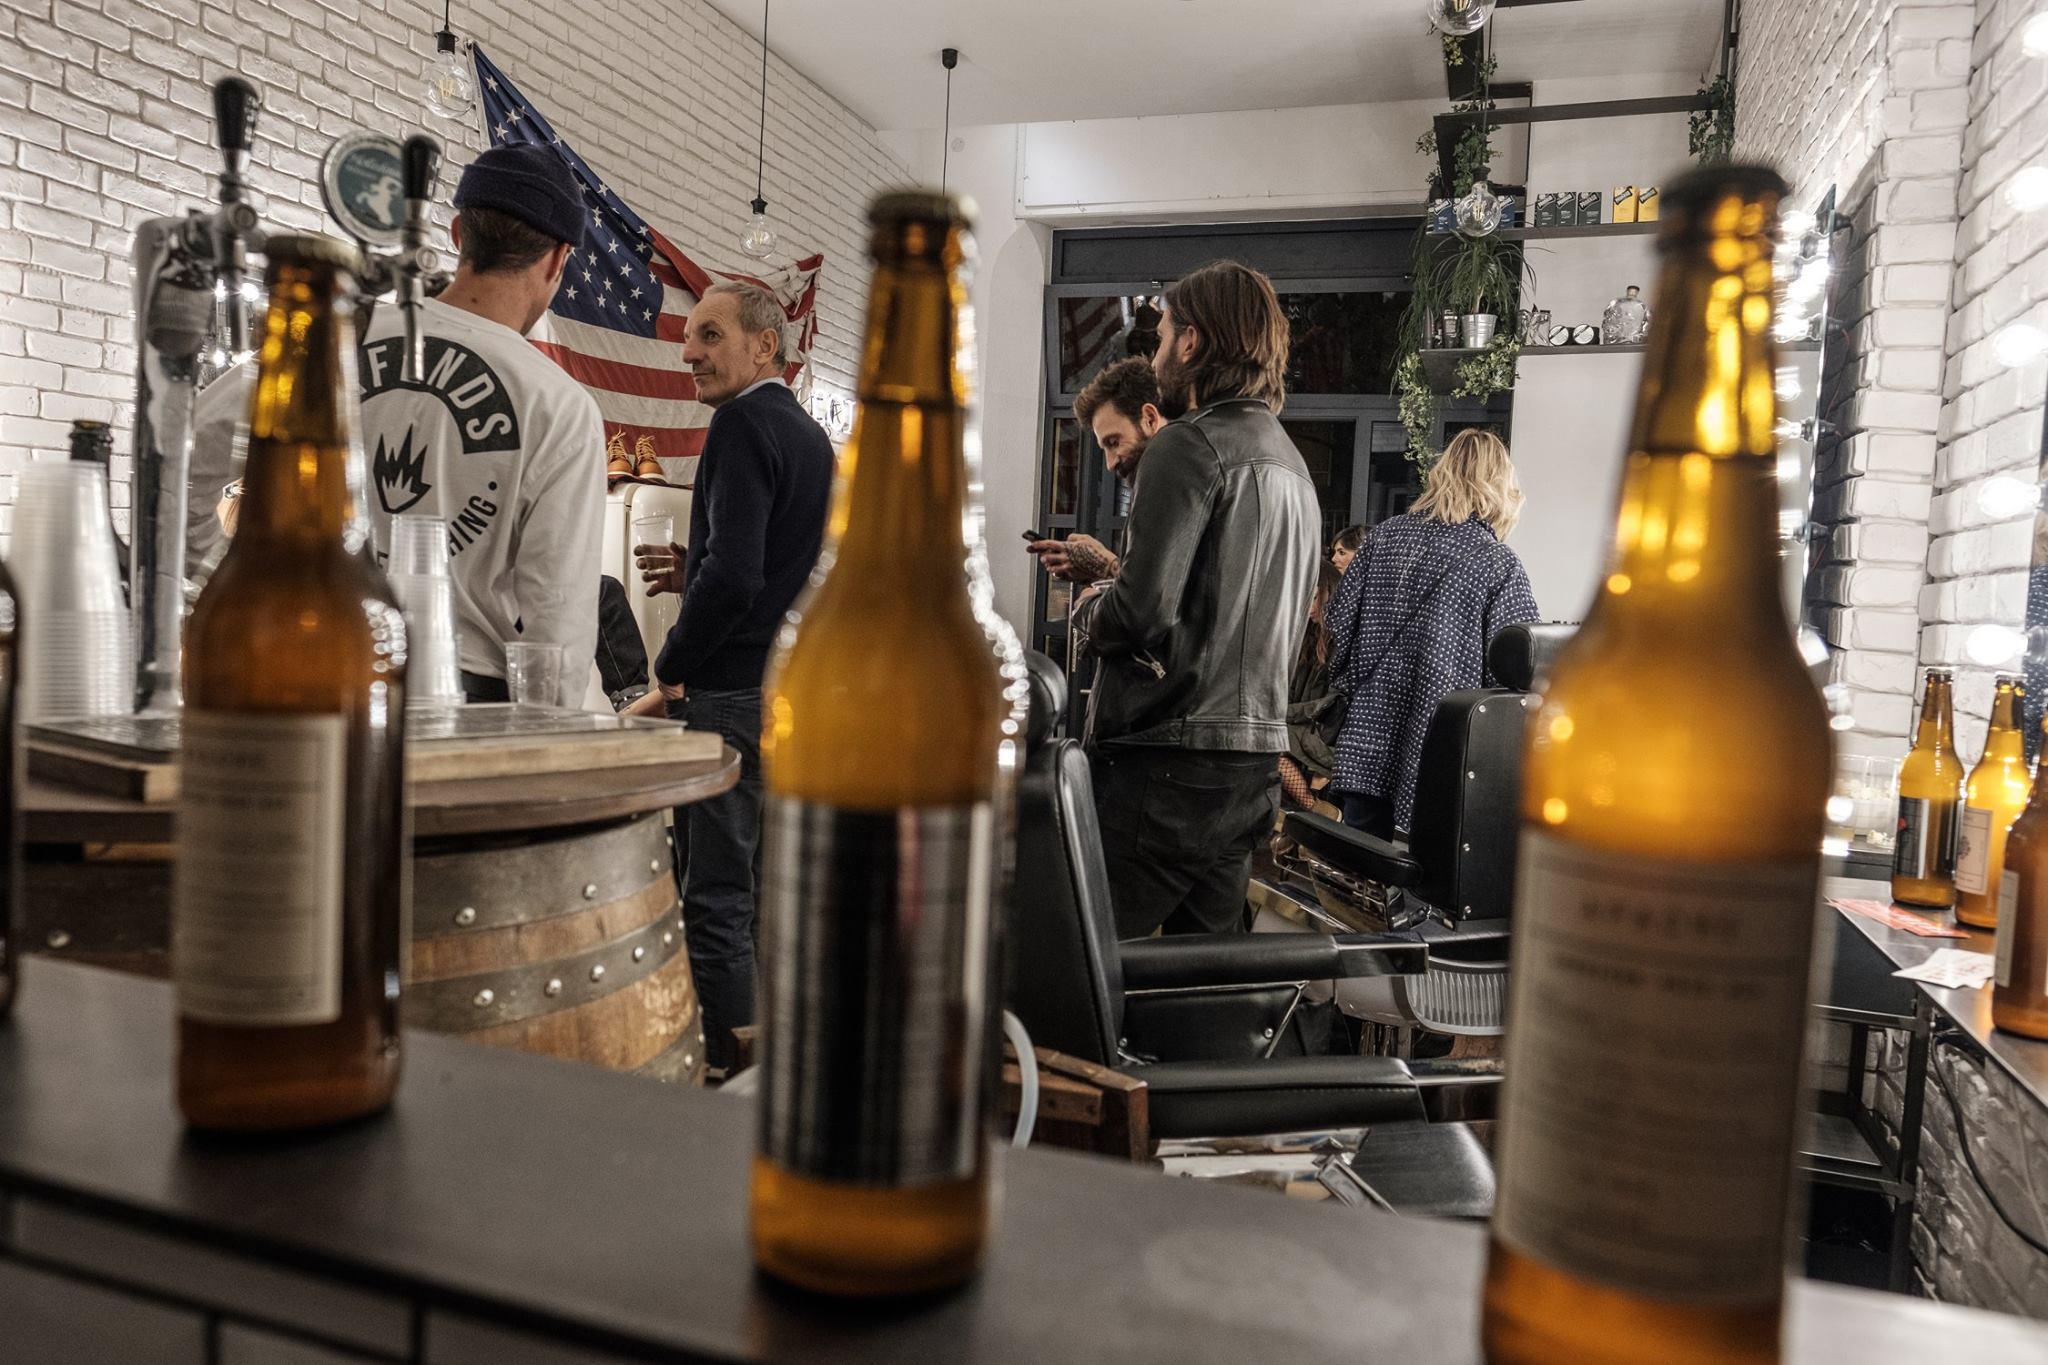 Hairsalon e barbershop, piccolo club con dj set, concerti in acustico, birrette e una lustrascarpe d'eccellenza. Tutto in un solo posto!